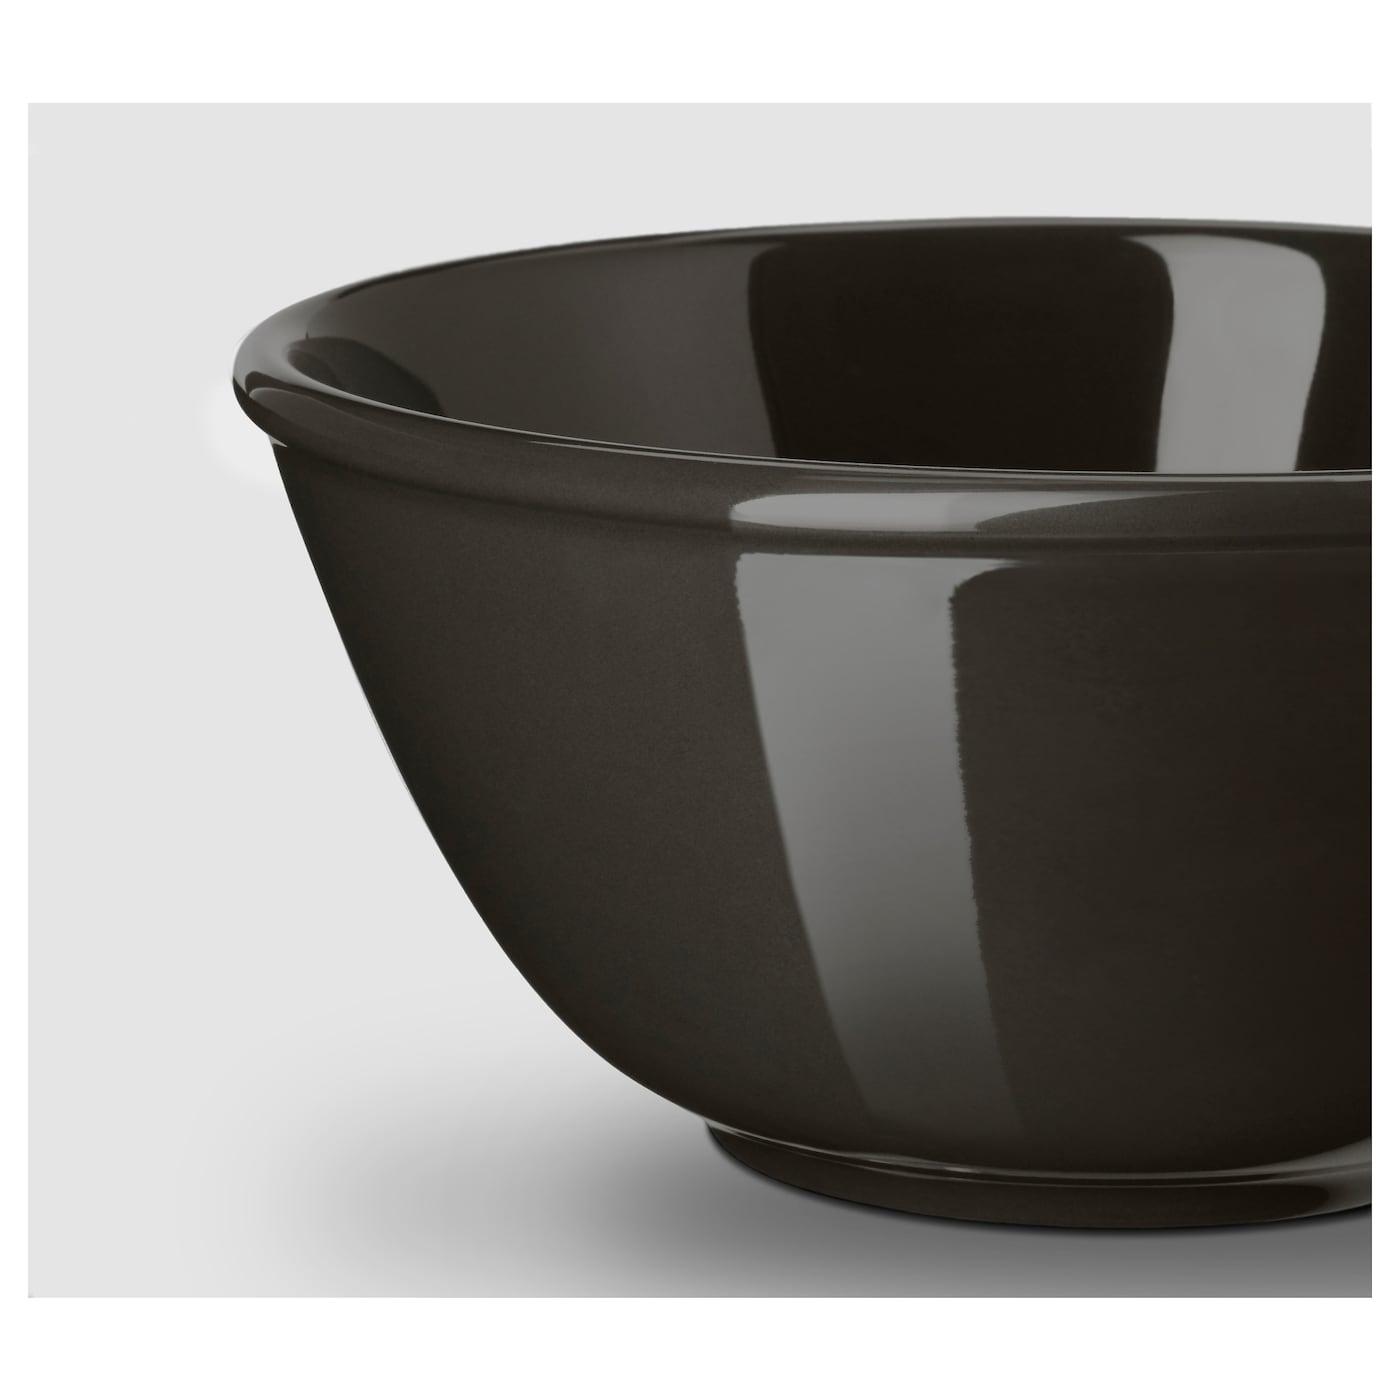 VARDAGEN Bowl, dark grey, 15 cm